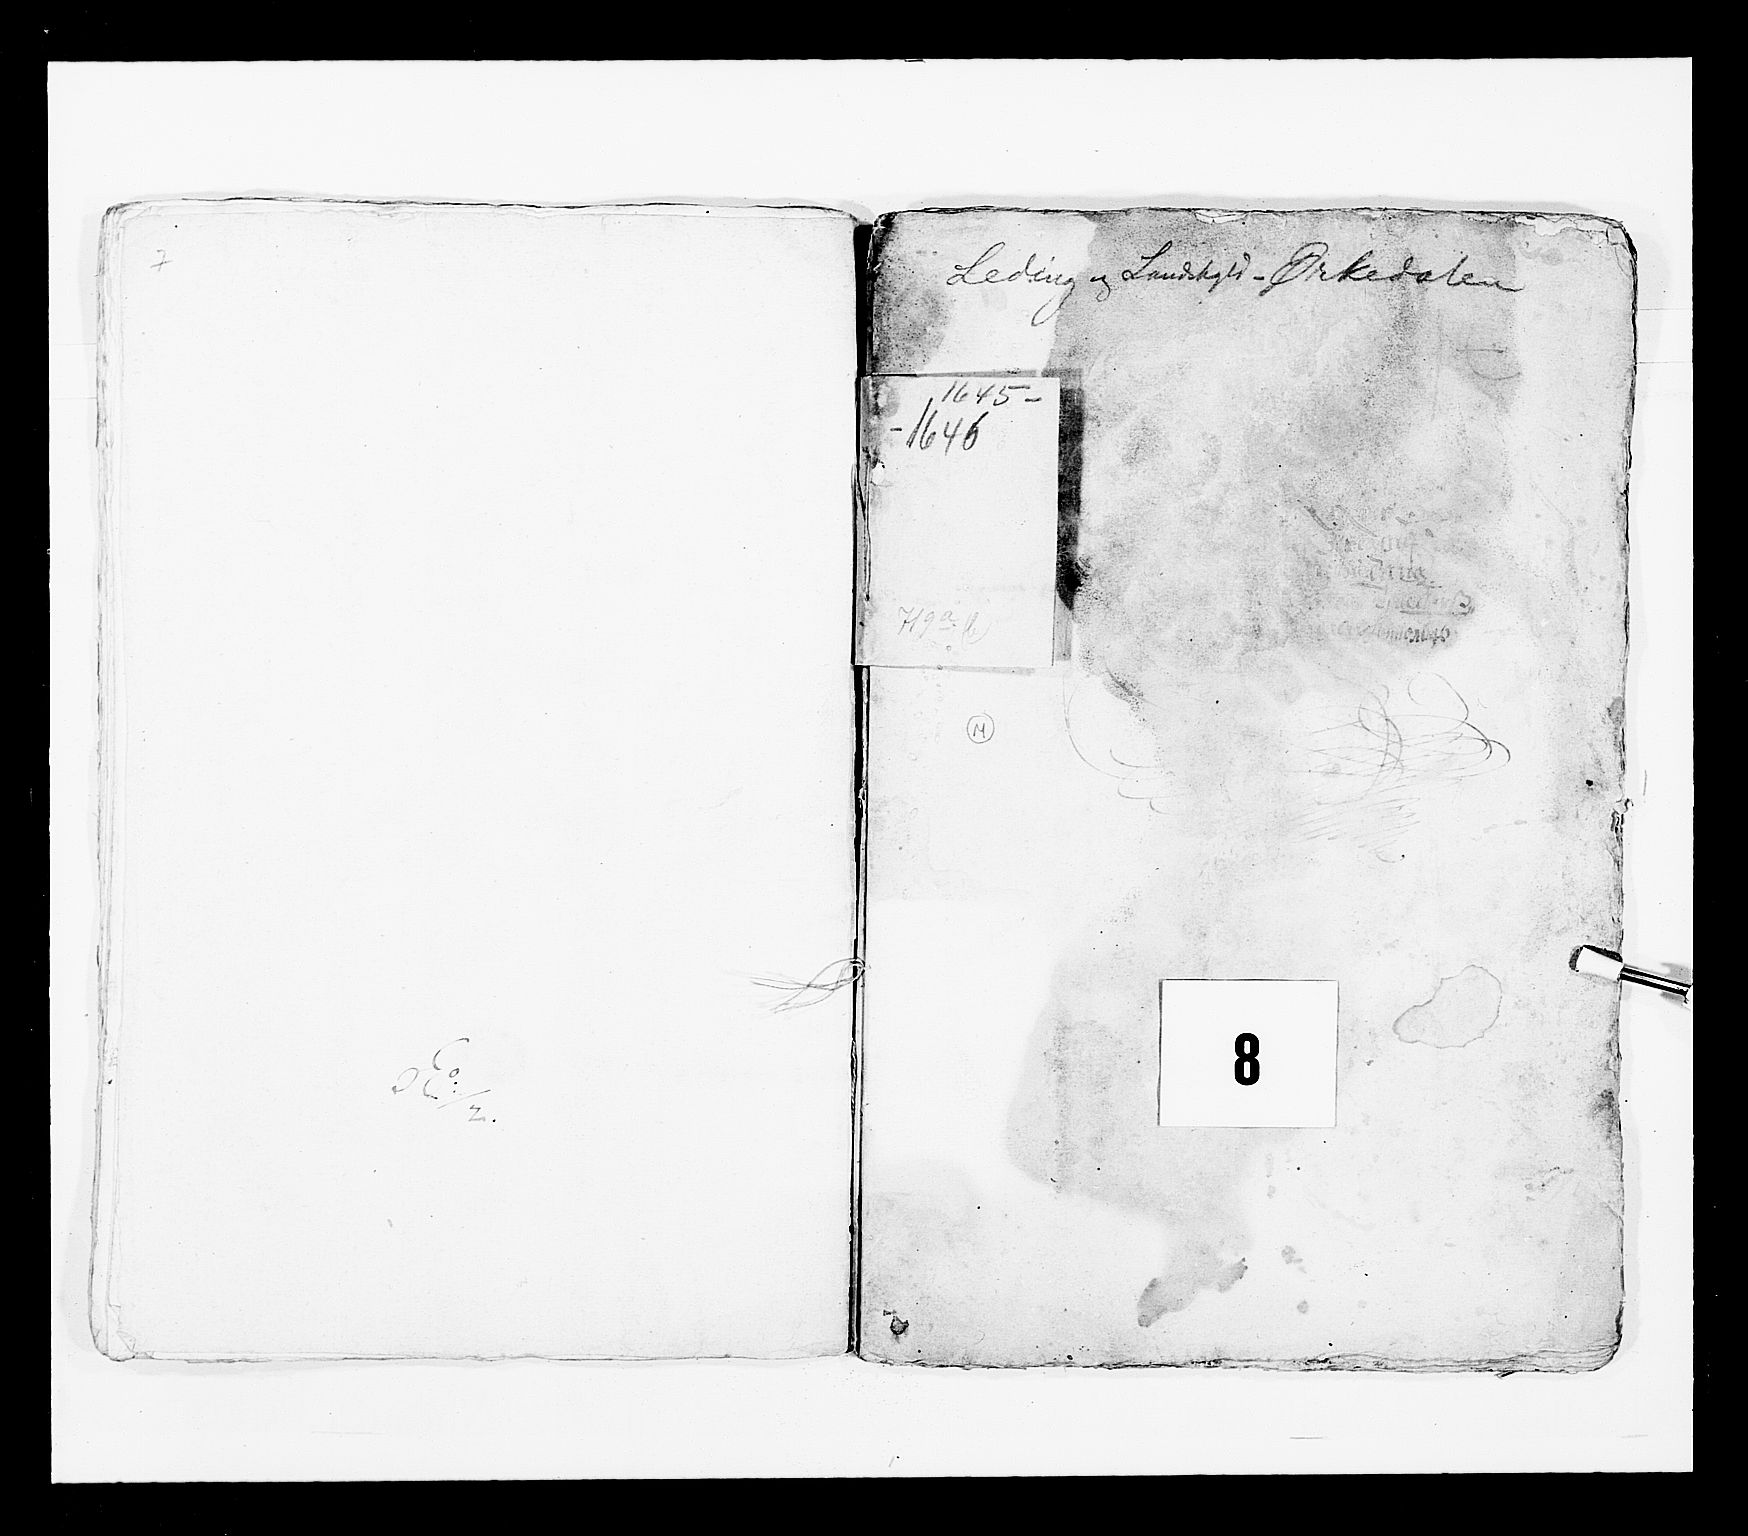 RA, Stattholderembetet 1572-1771, Ek/L0028: Jordebøker 1633-1658:, 1645-1646, s. 182